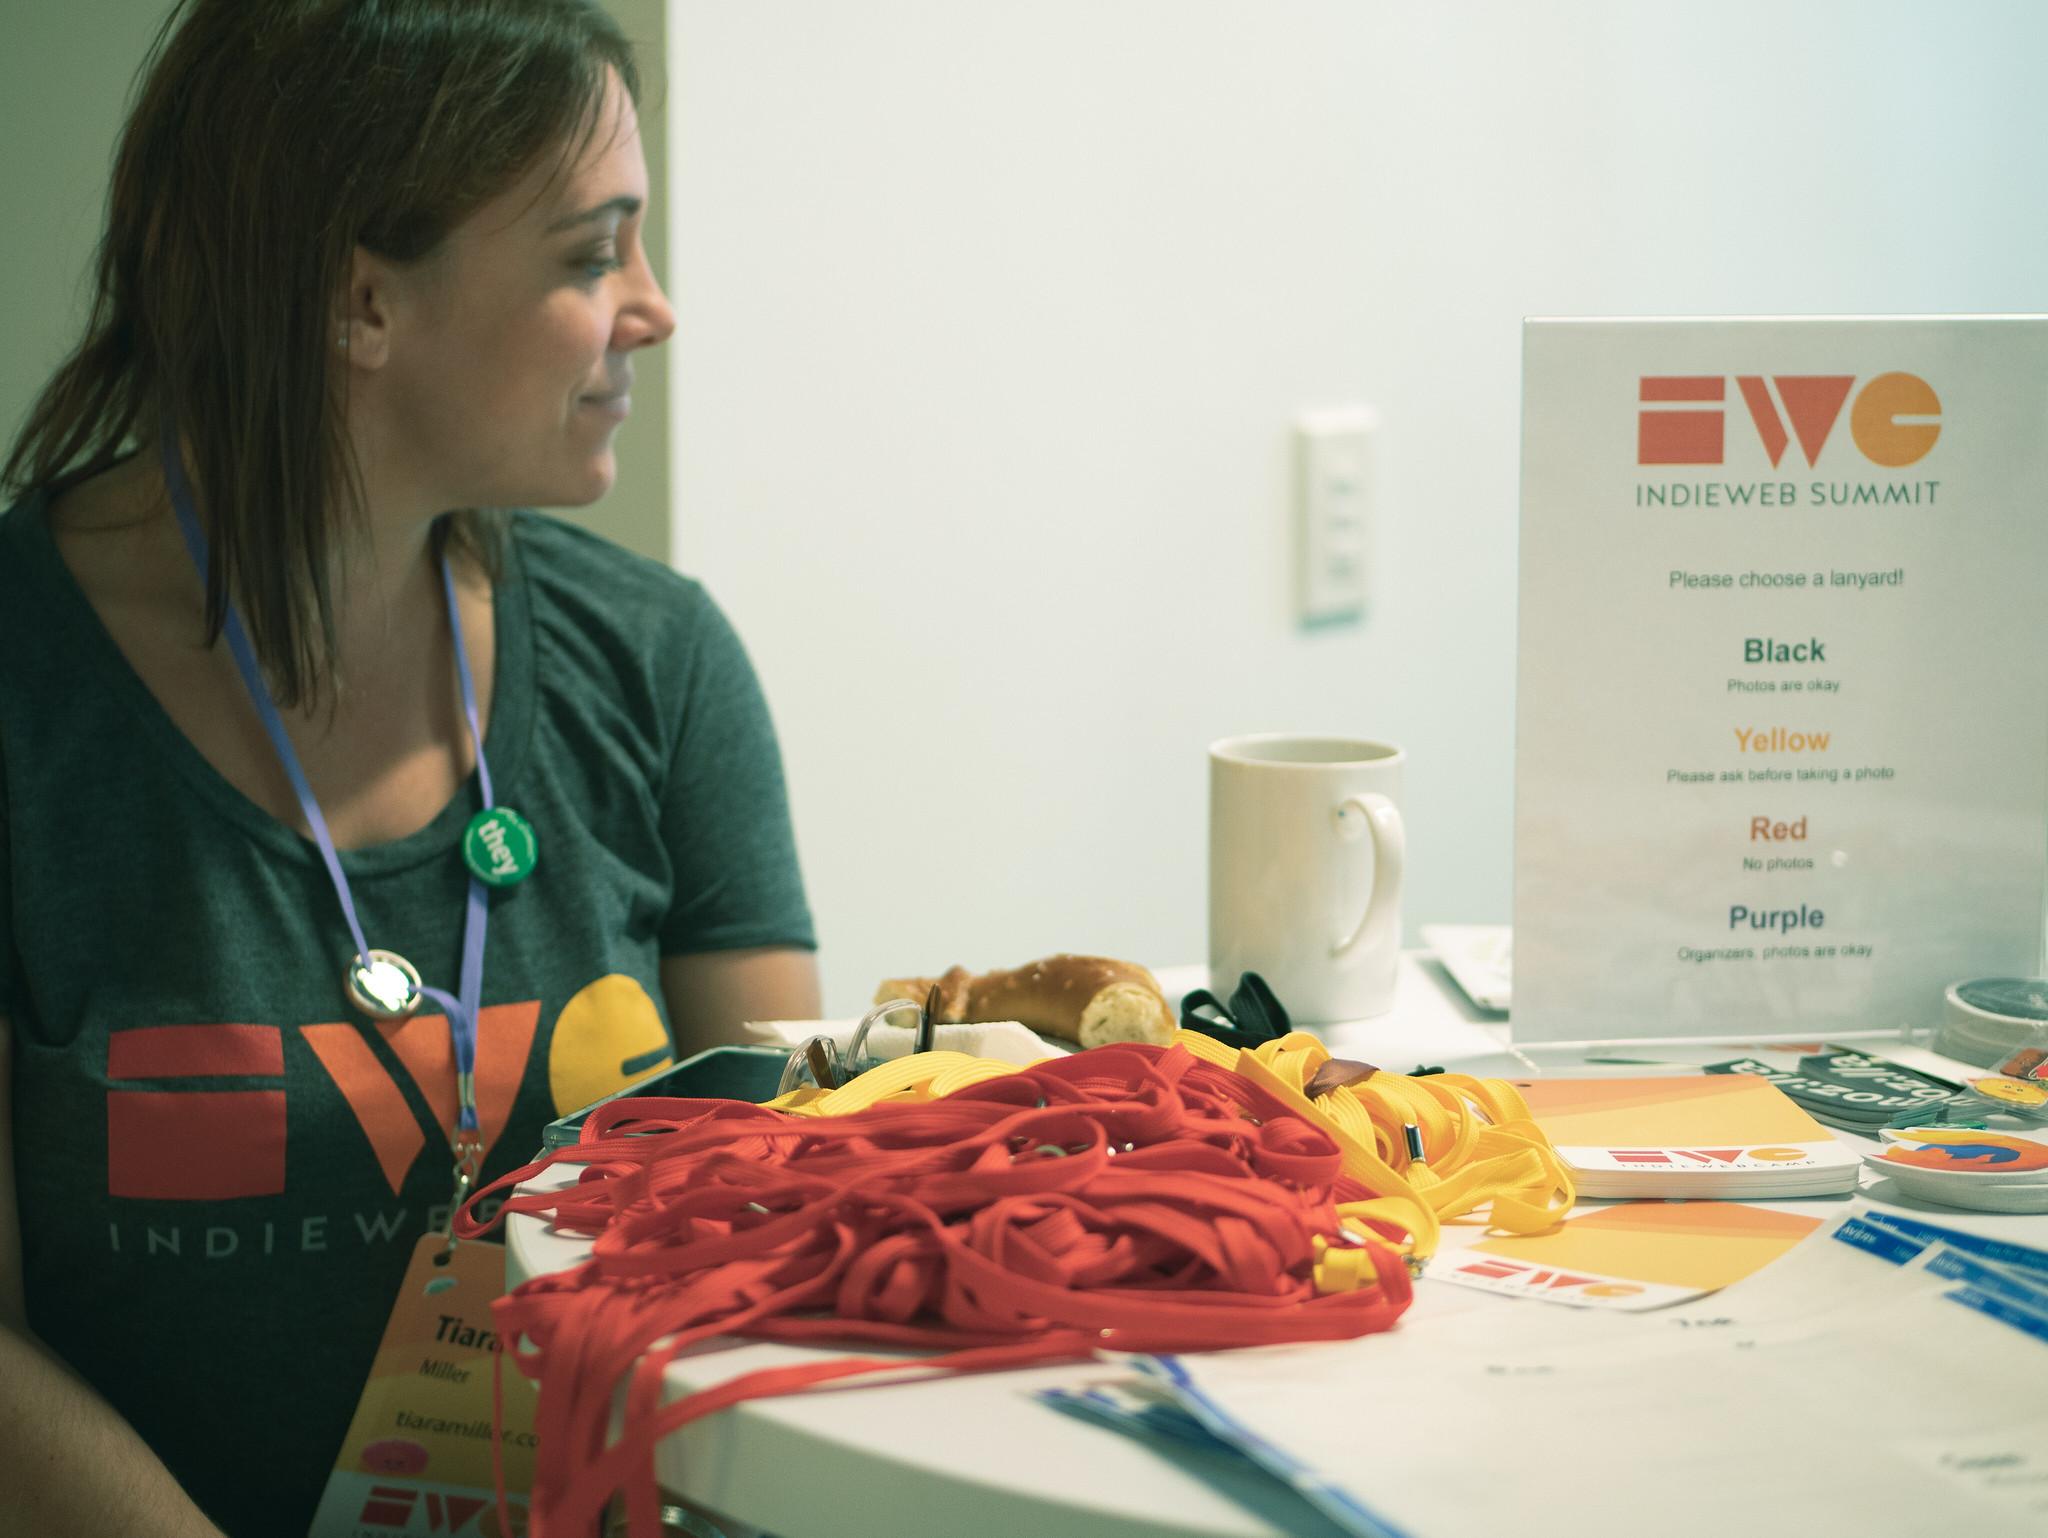 Tiara staffing the registration desk